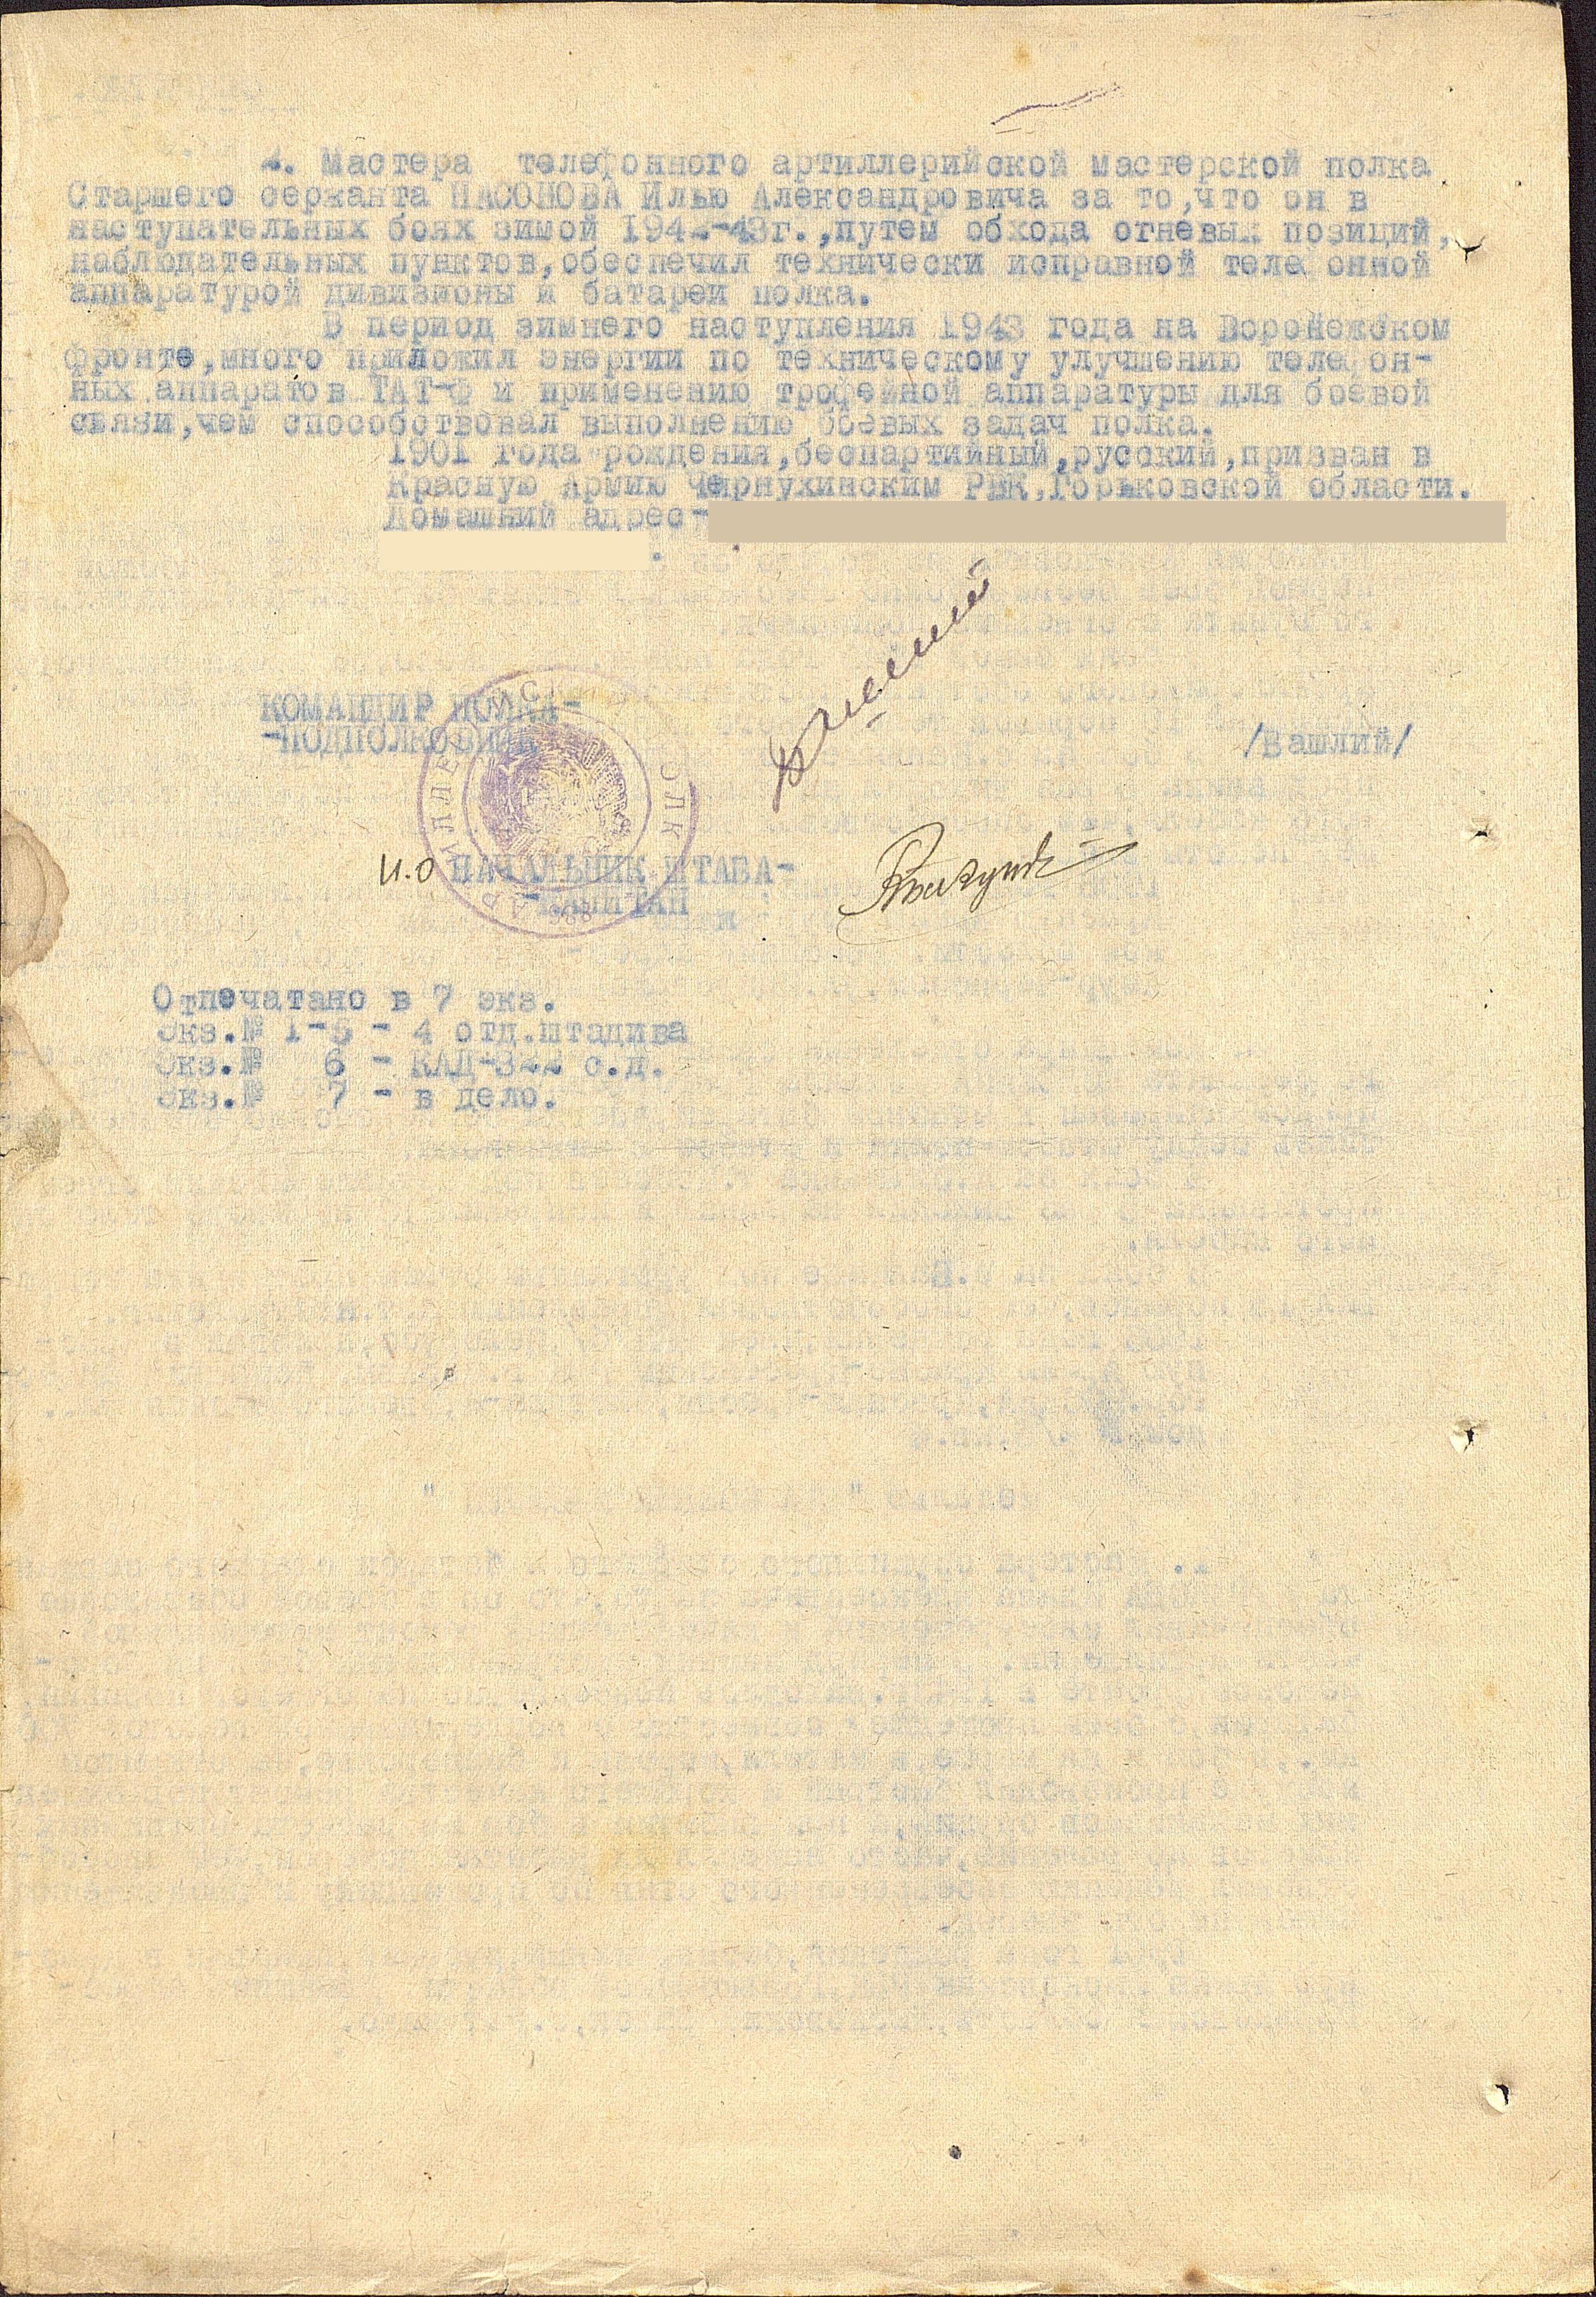 Приказ о награждении Насонова Ильи Александровича медалью за боевые заслуги